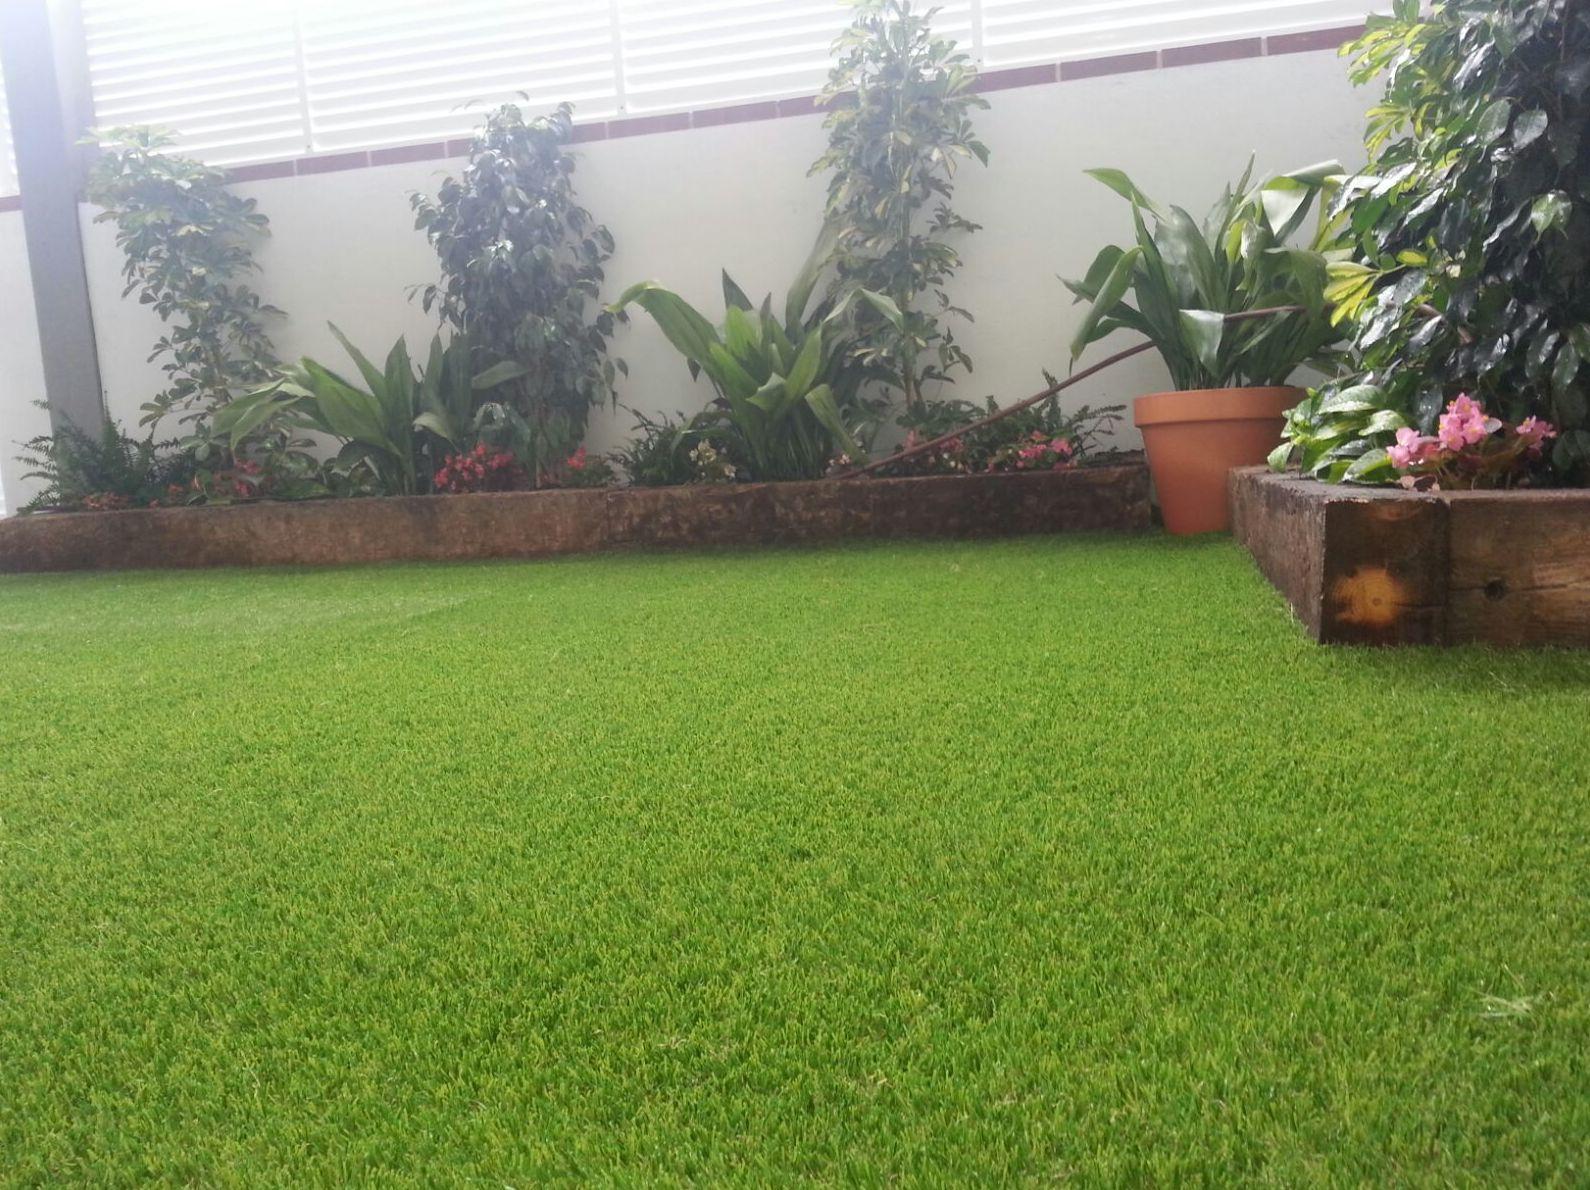 Foto 246 de Diseño y mantenimiento de jardines en Bétera | Ches Pa, S.L.